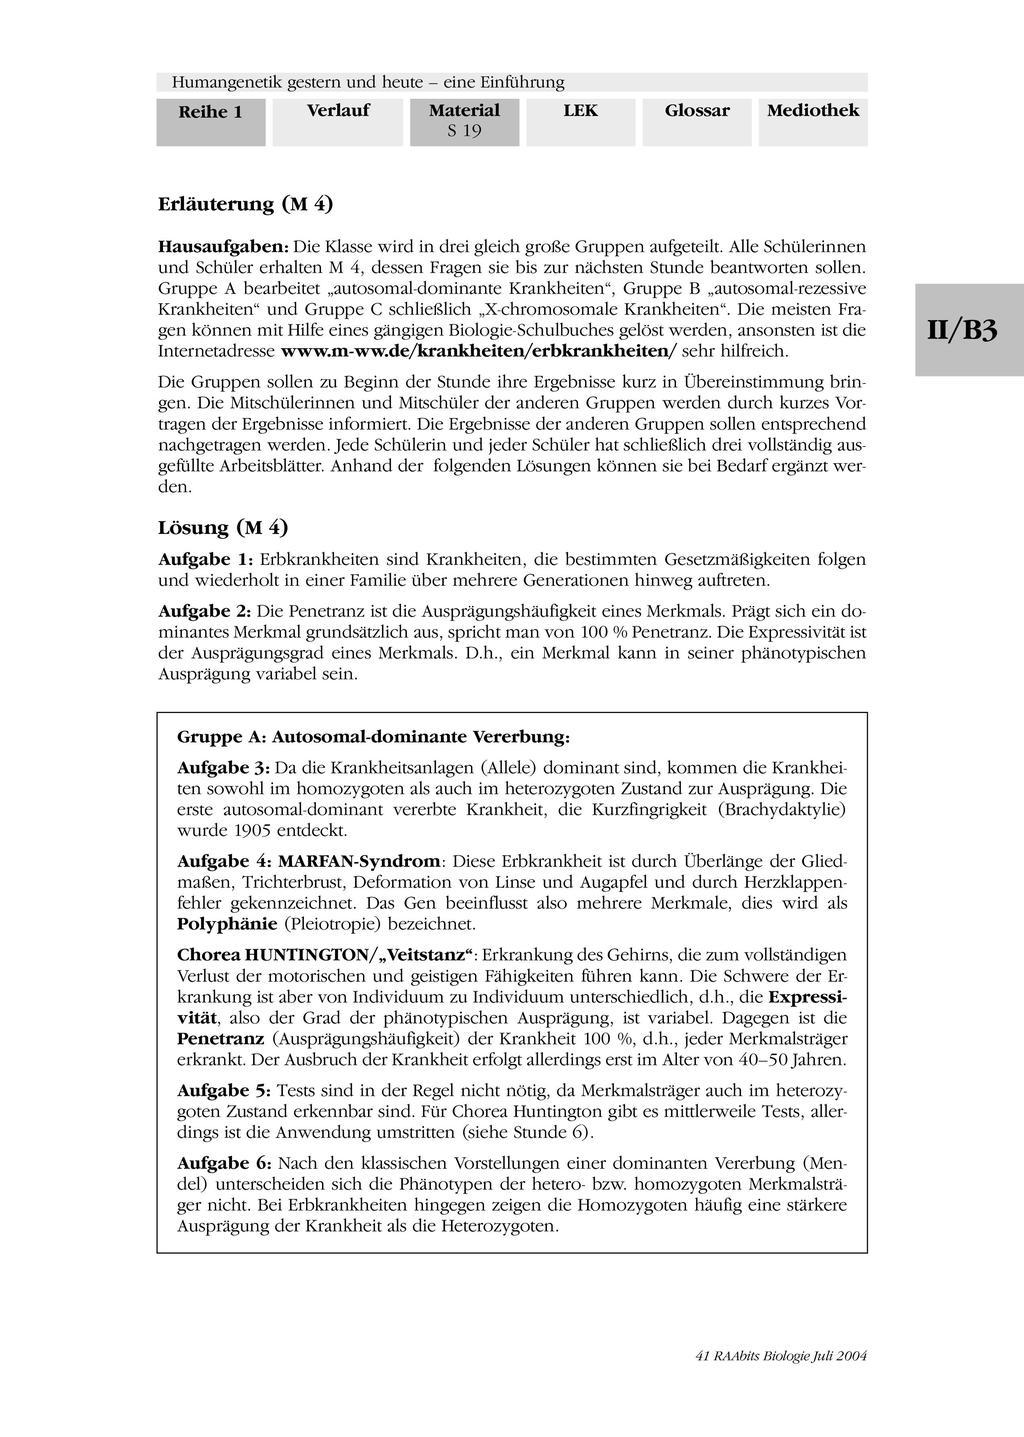 Humangenetik - Aufgaben zu Erbkrankenheiten und Erbgang Preview 4